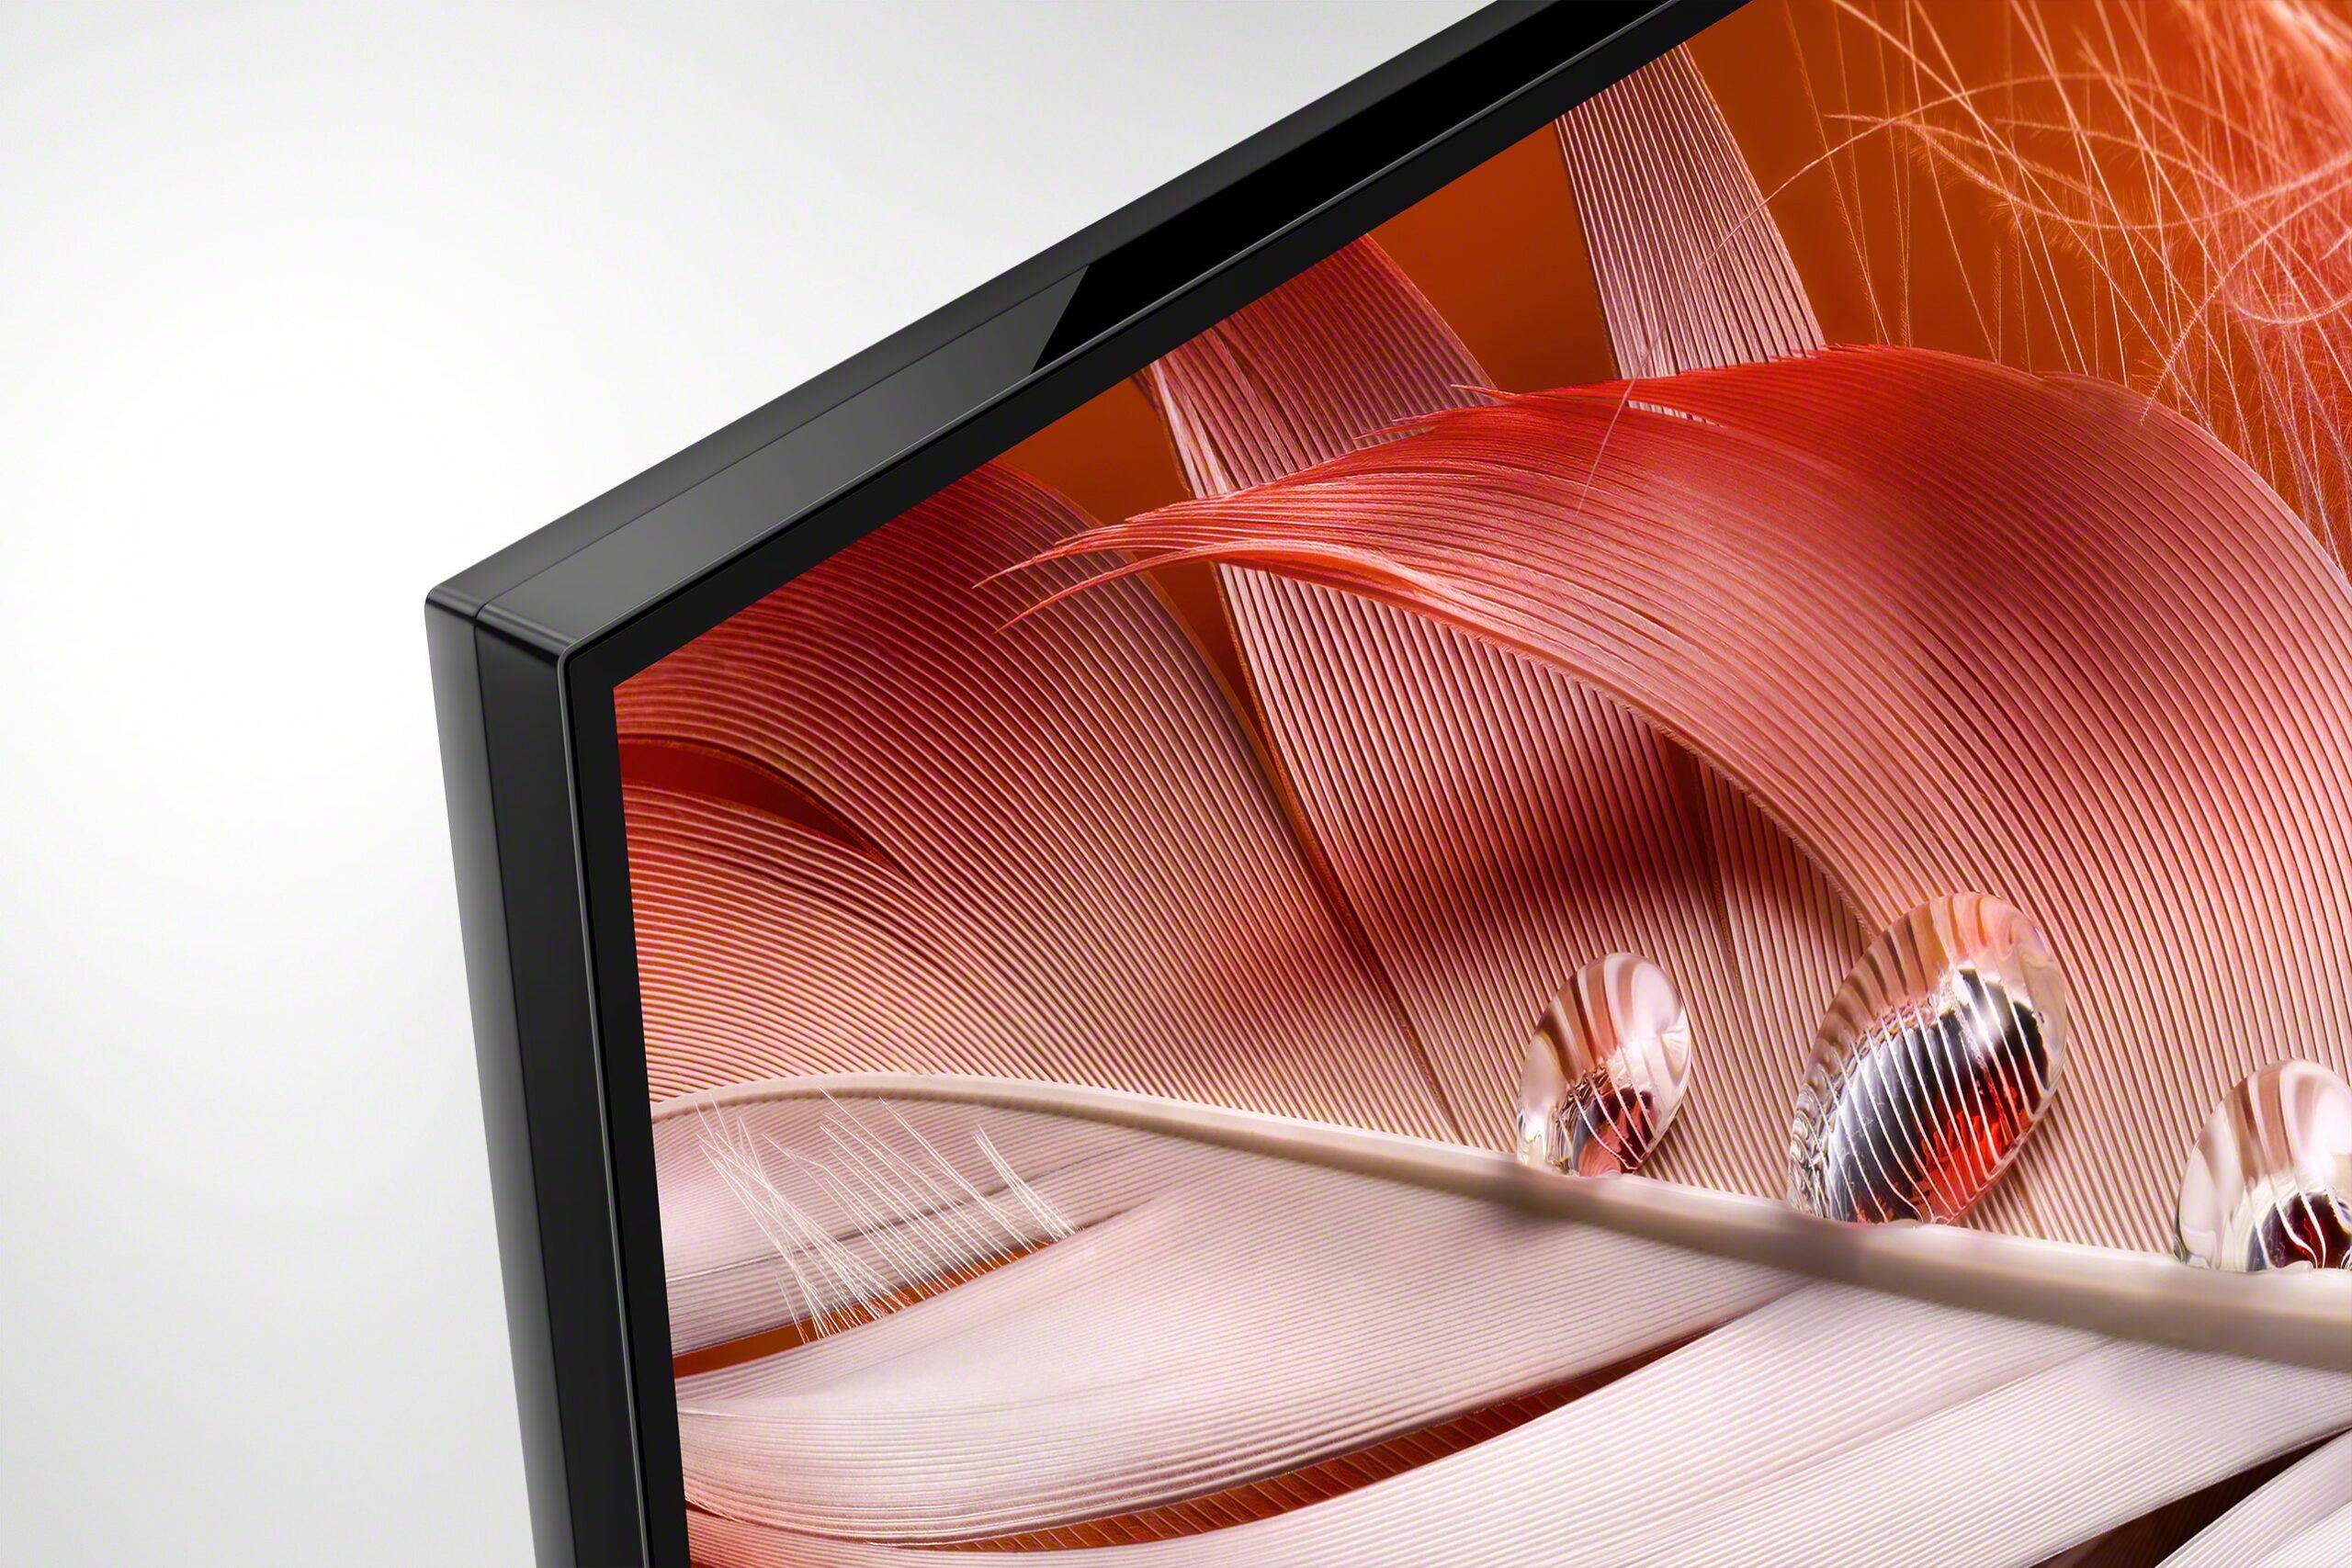 Bravia Full Array LED 4K HDR 03